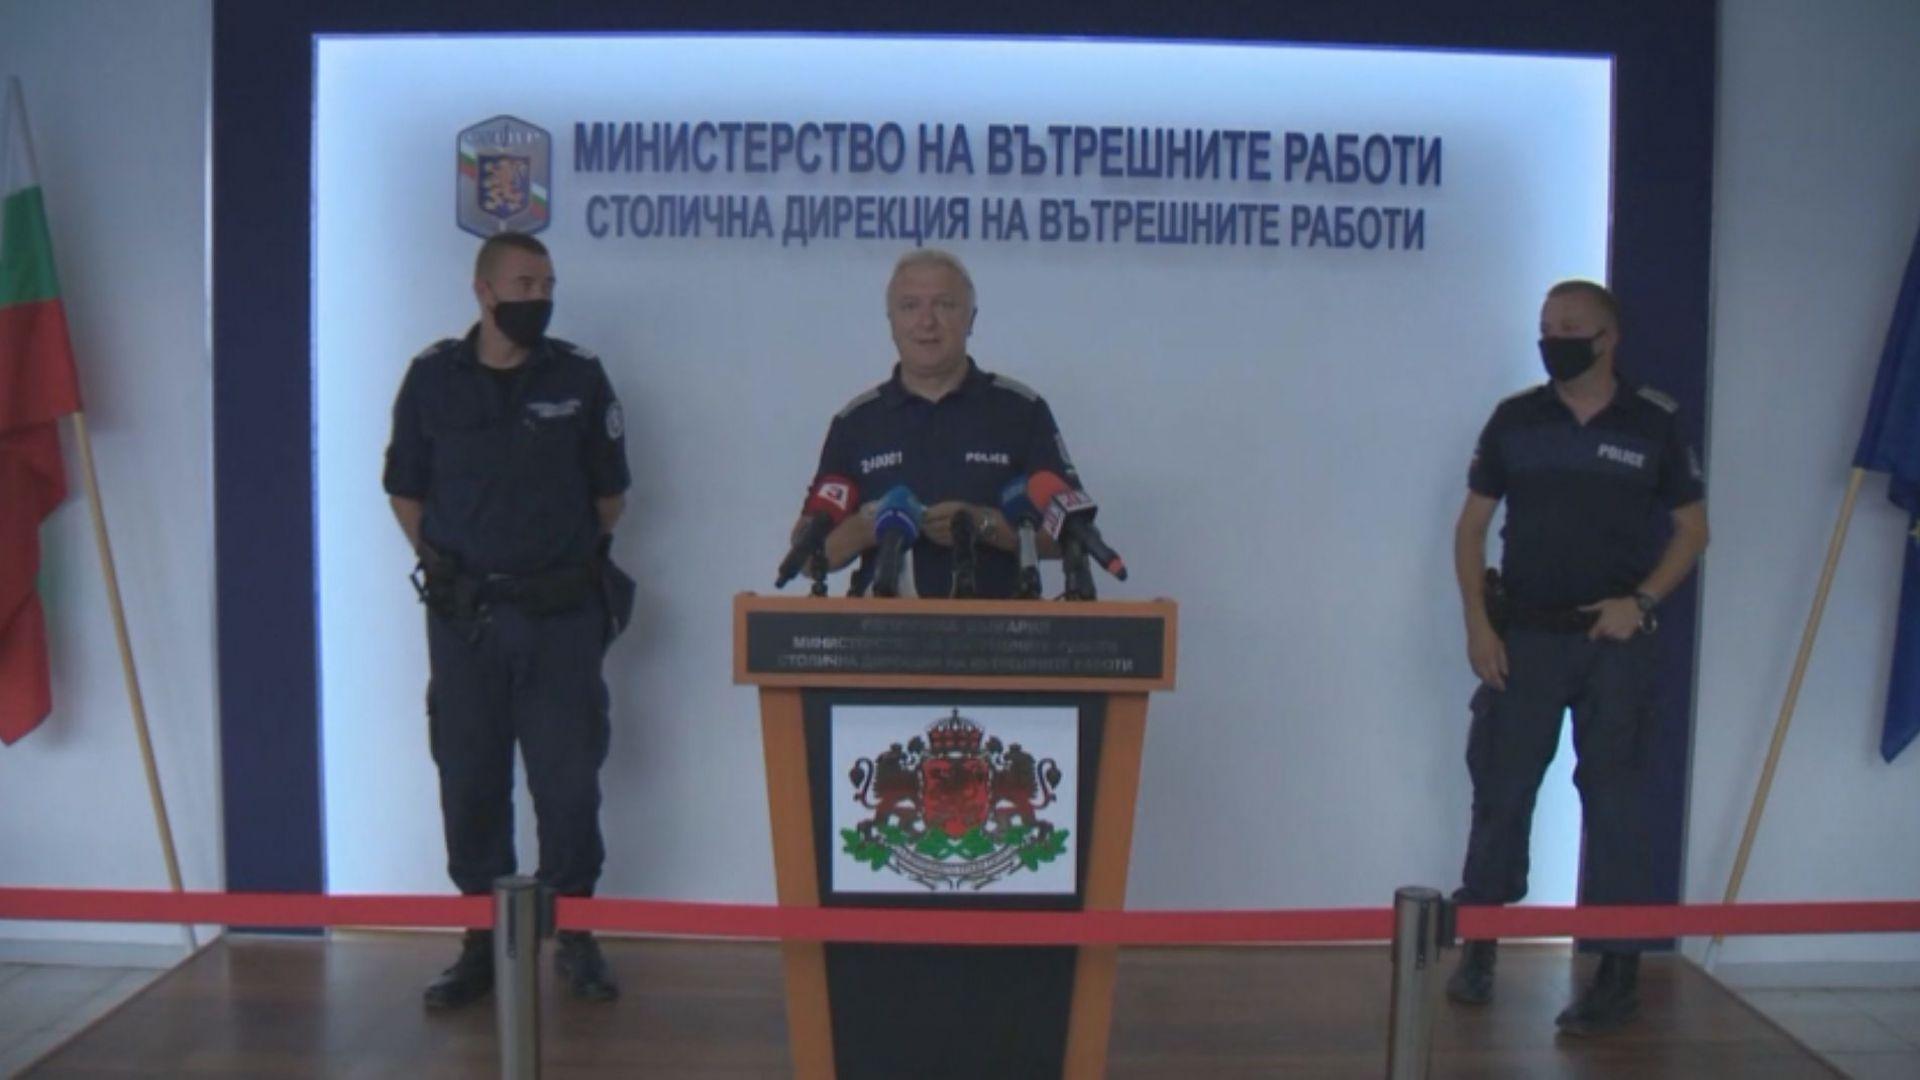 СДВР: Няма задържани след вчерашните протести, към Нинова и Дариткова бе изразена вербална агресия